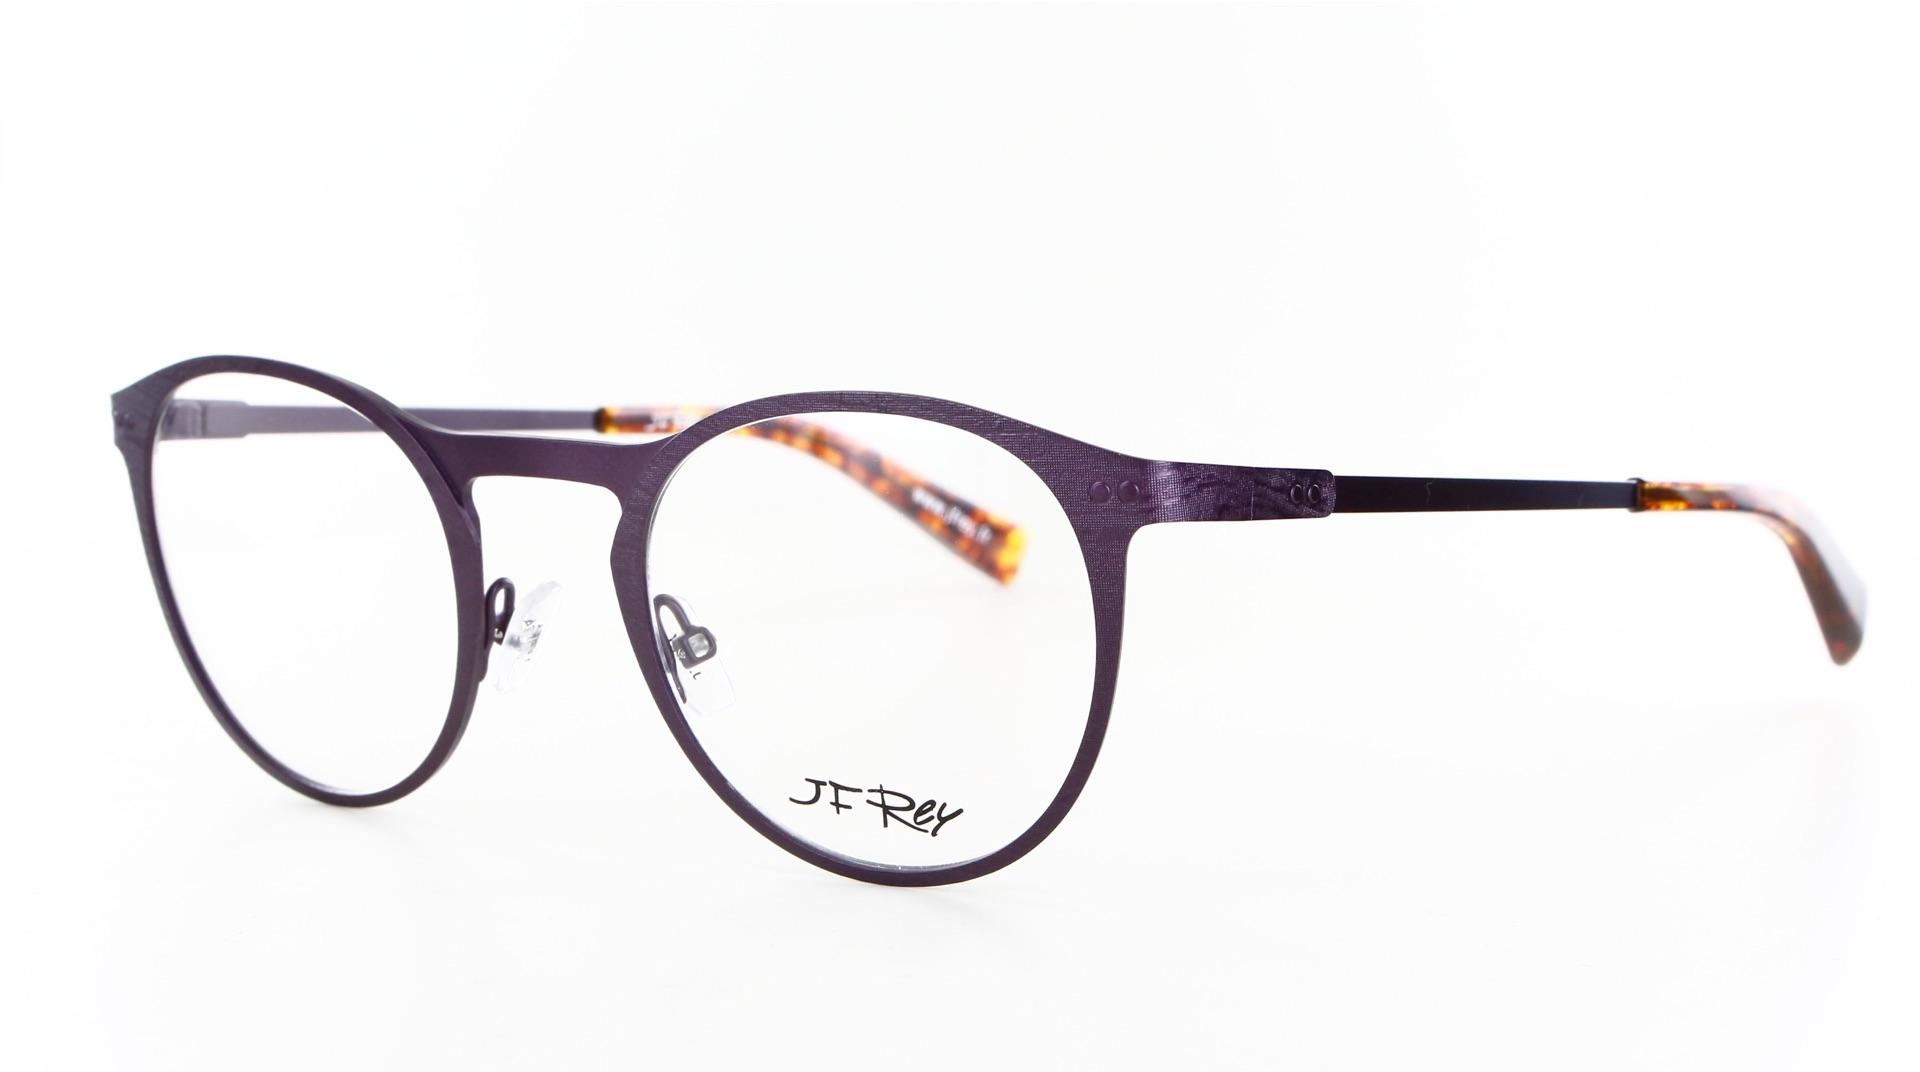 J.F. Rey - ref: 77705